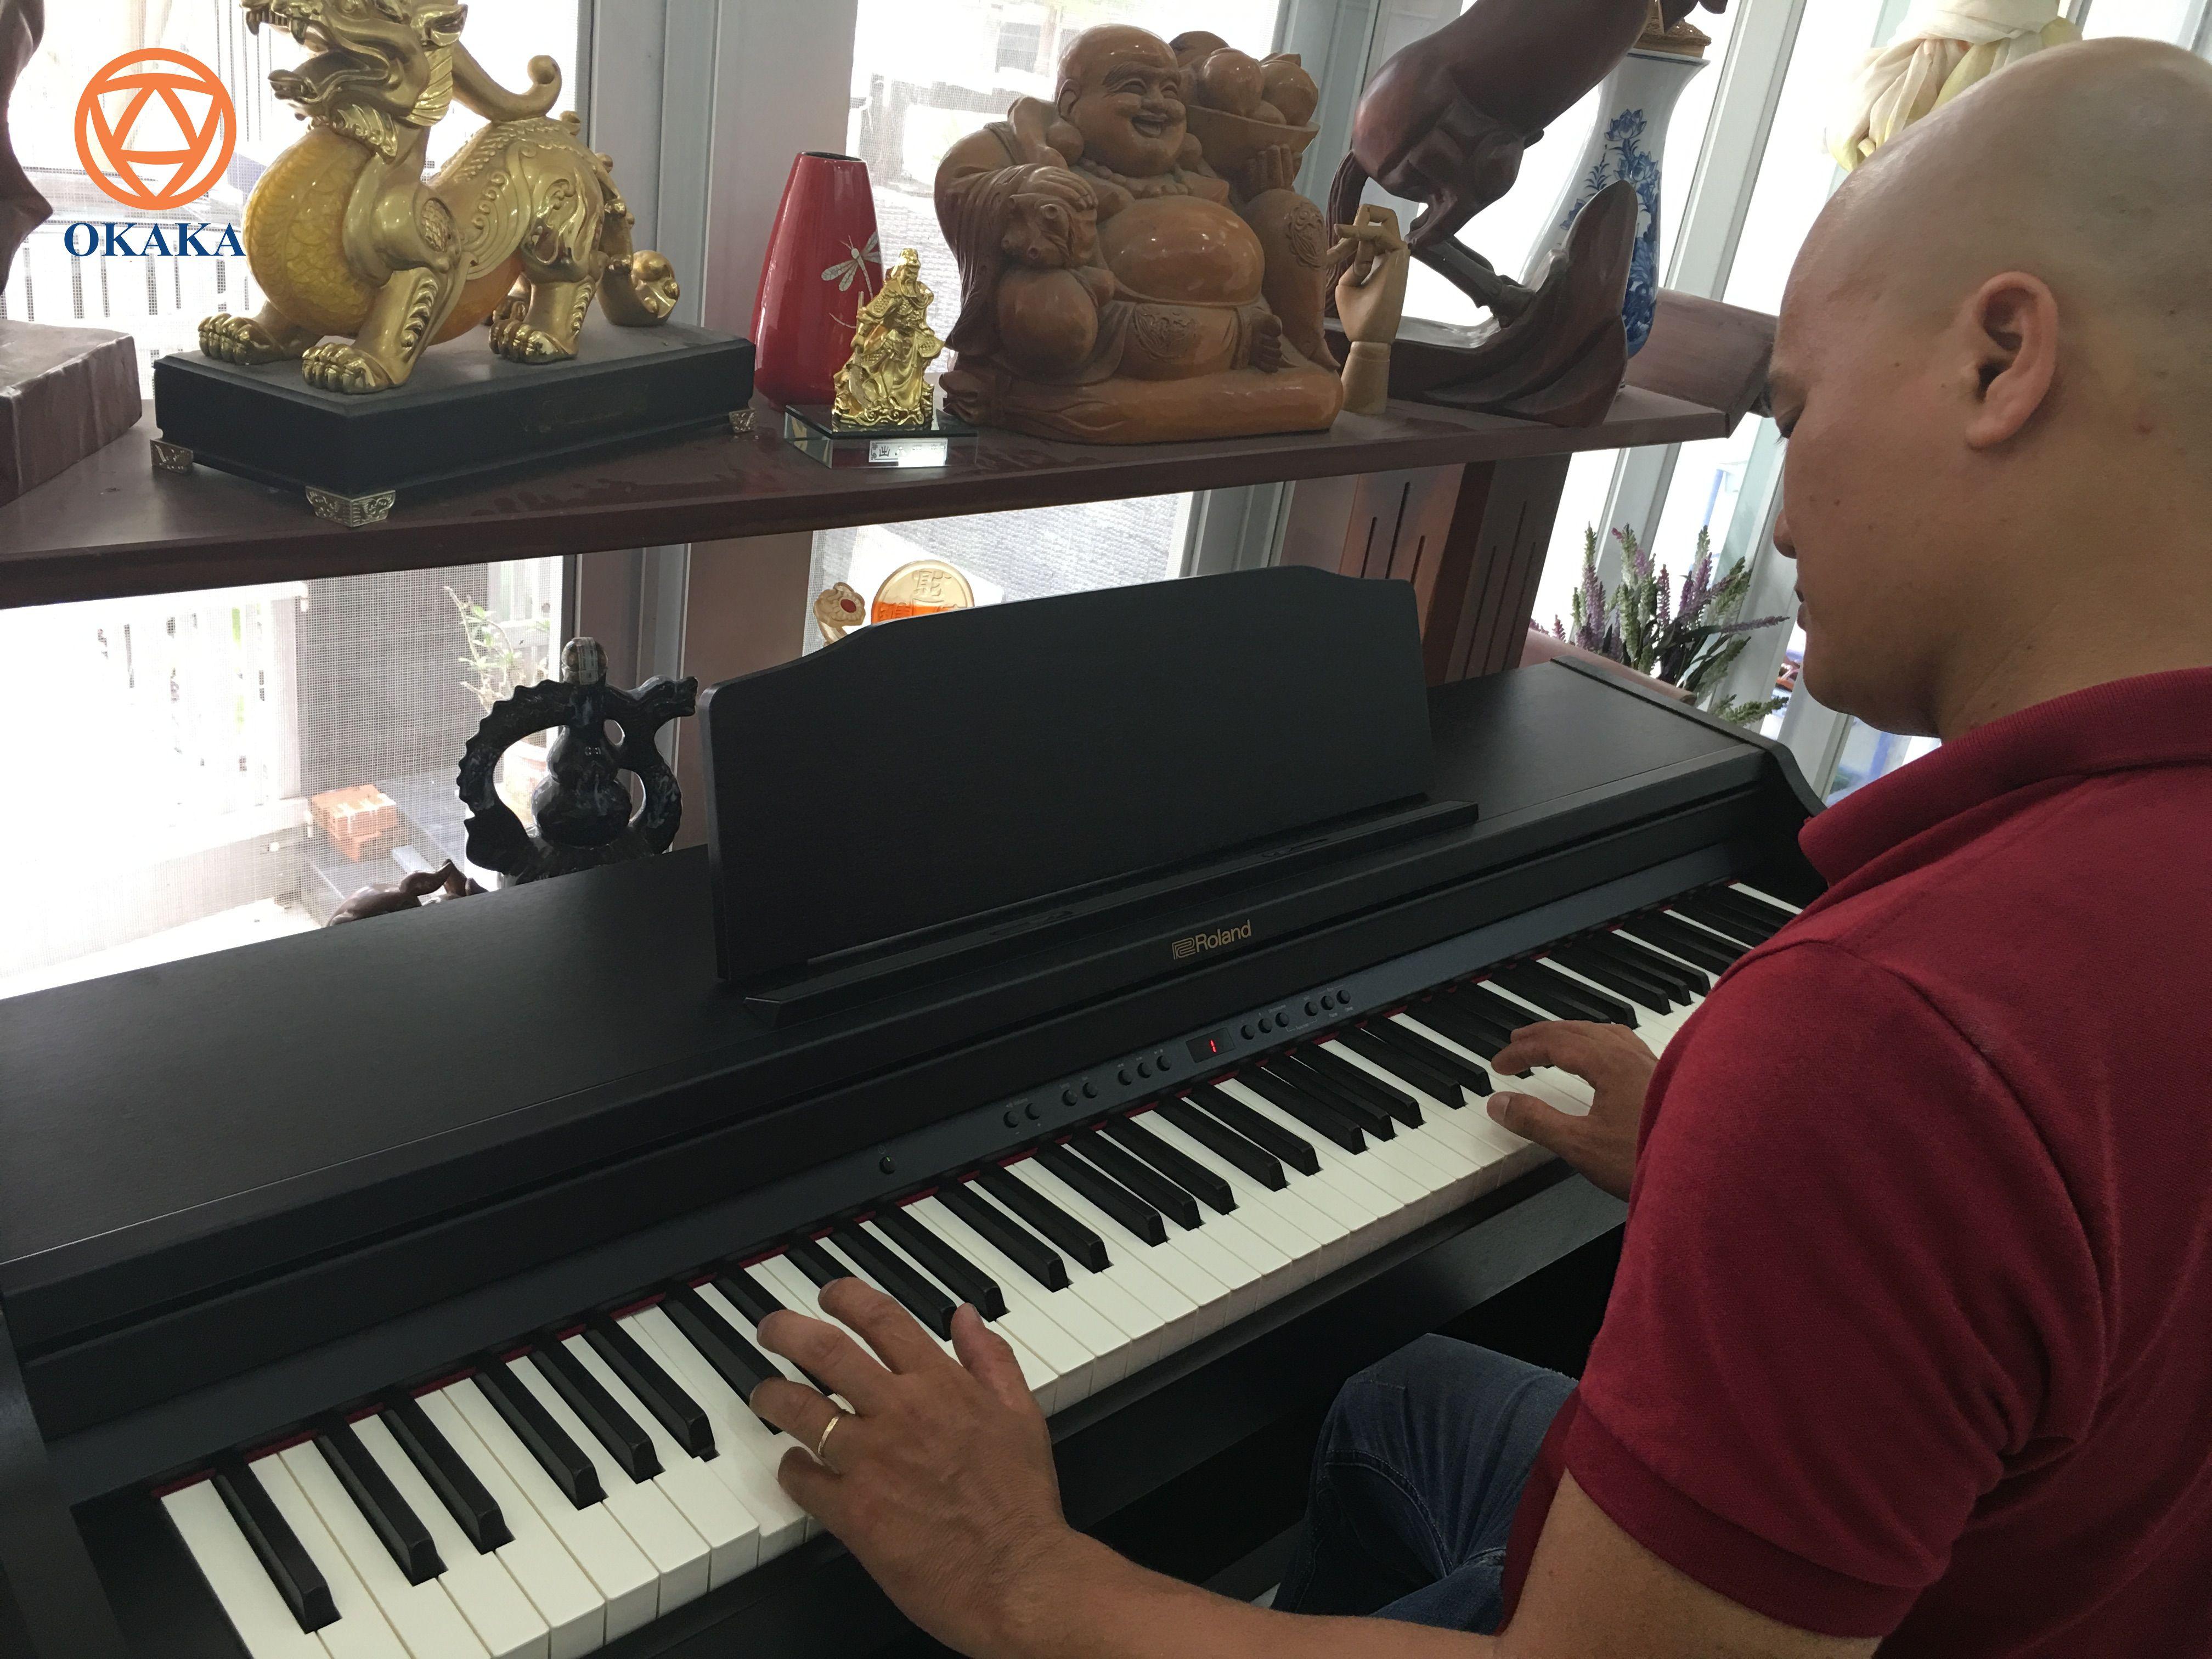 Được khách cũ giới thiệu và thế là hôm nay OKAKA lại có chuyến giao đàn piano điện Roland RP-302 cho anh Châu ở Quận 7, TPHCM.